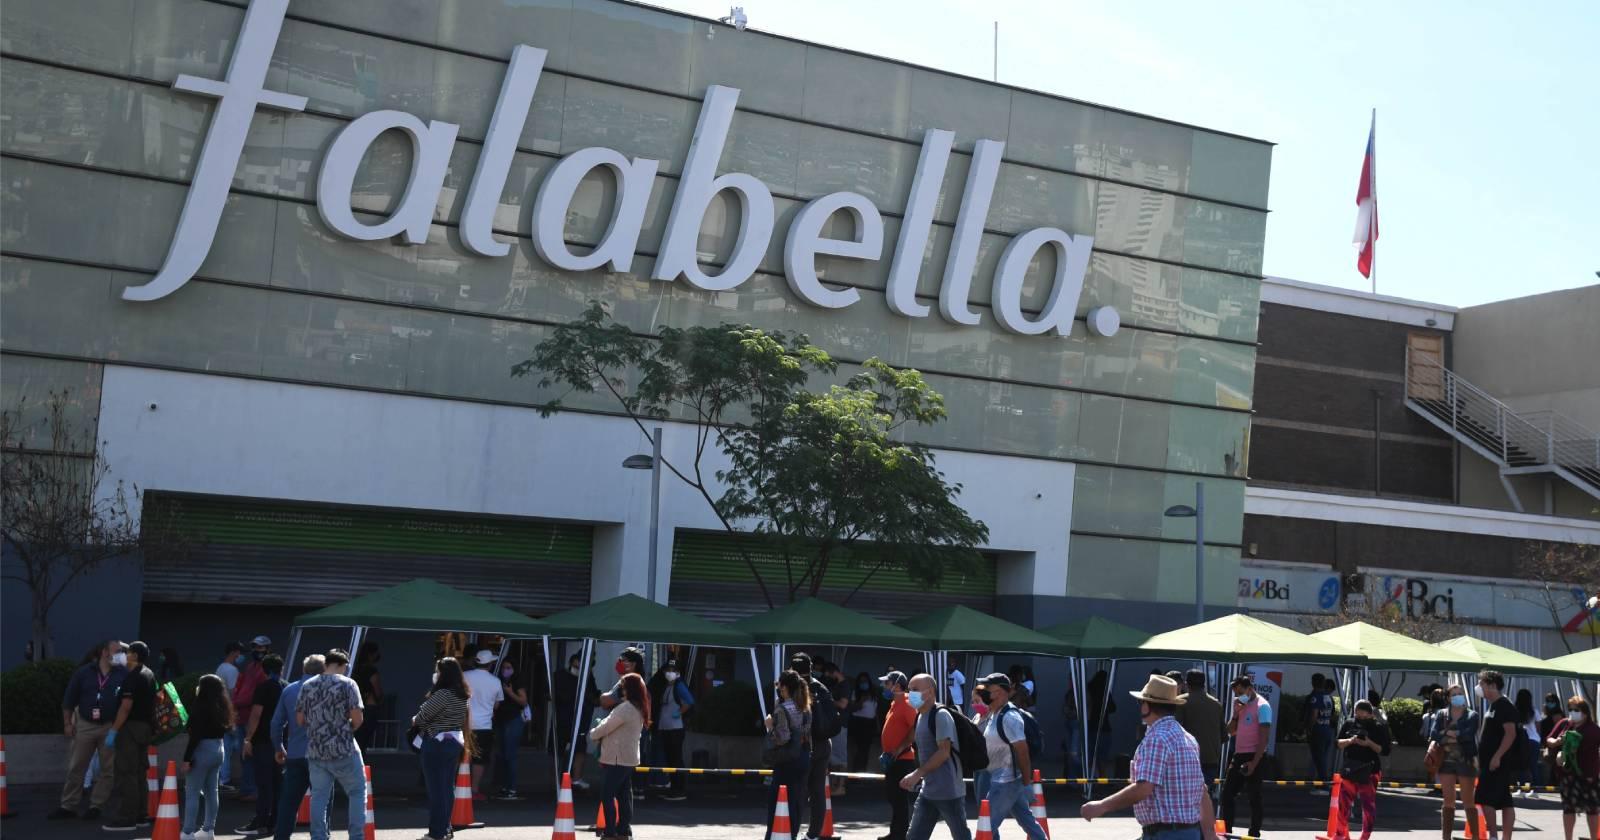 Sernac presentó demandas colectivas contra Paris y Falabella por problemas en compras online